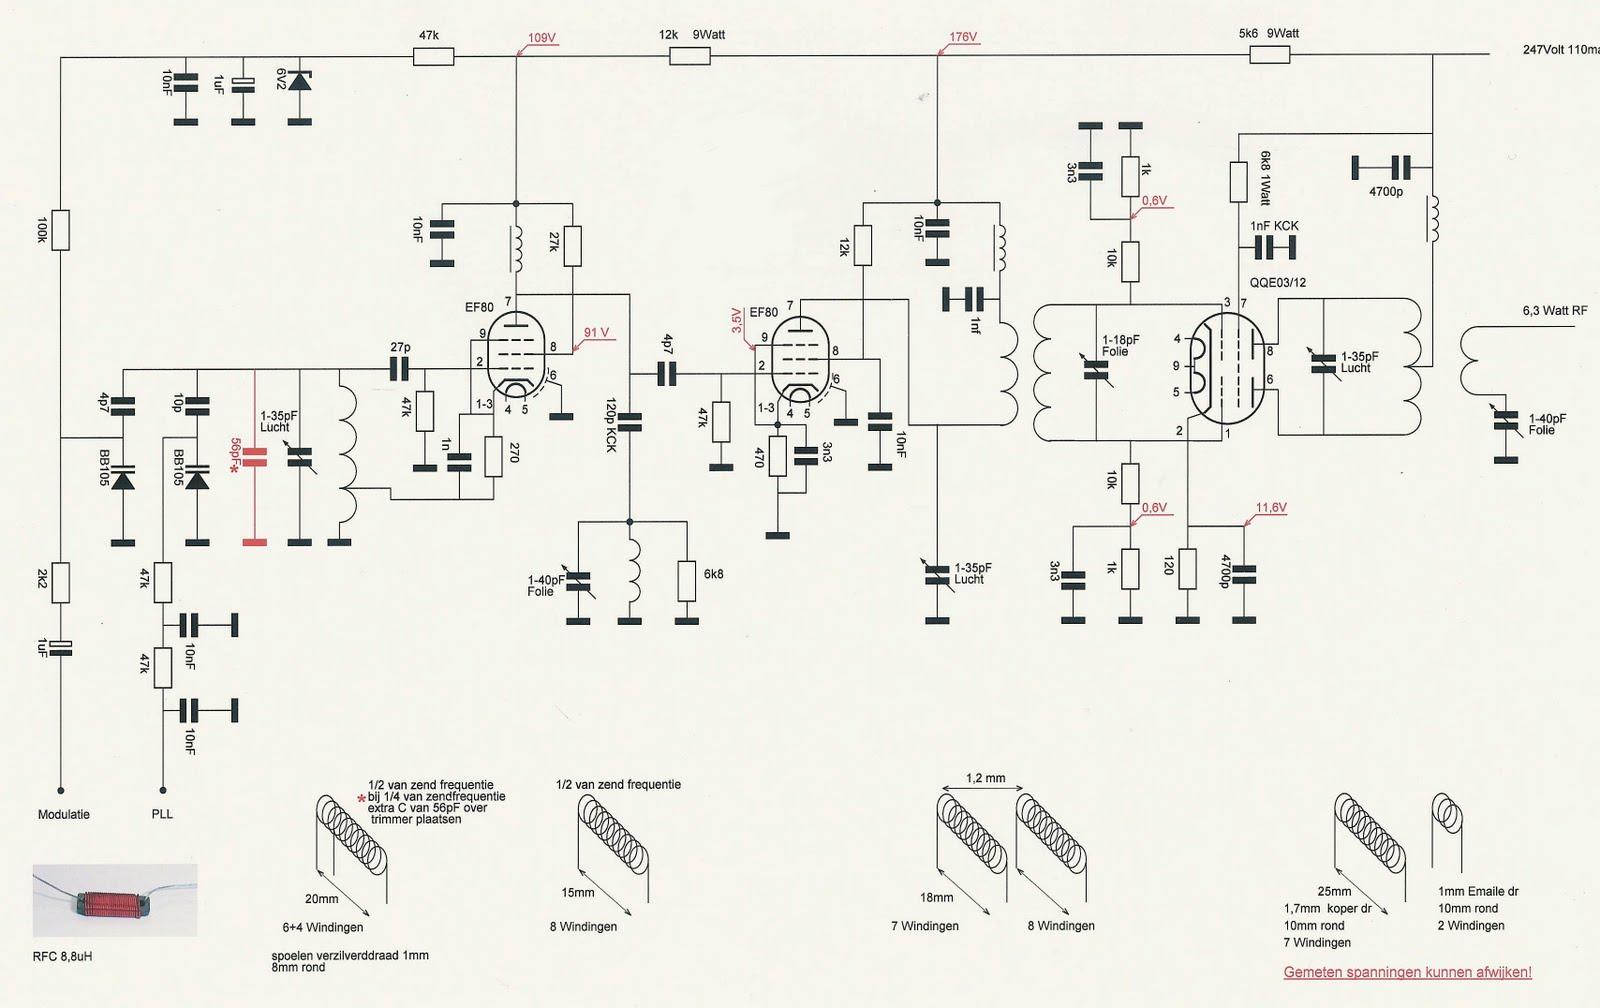 transmitter  u2013 15watt  qqe0312